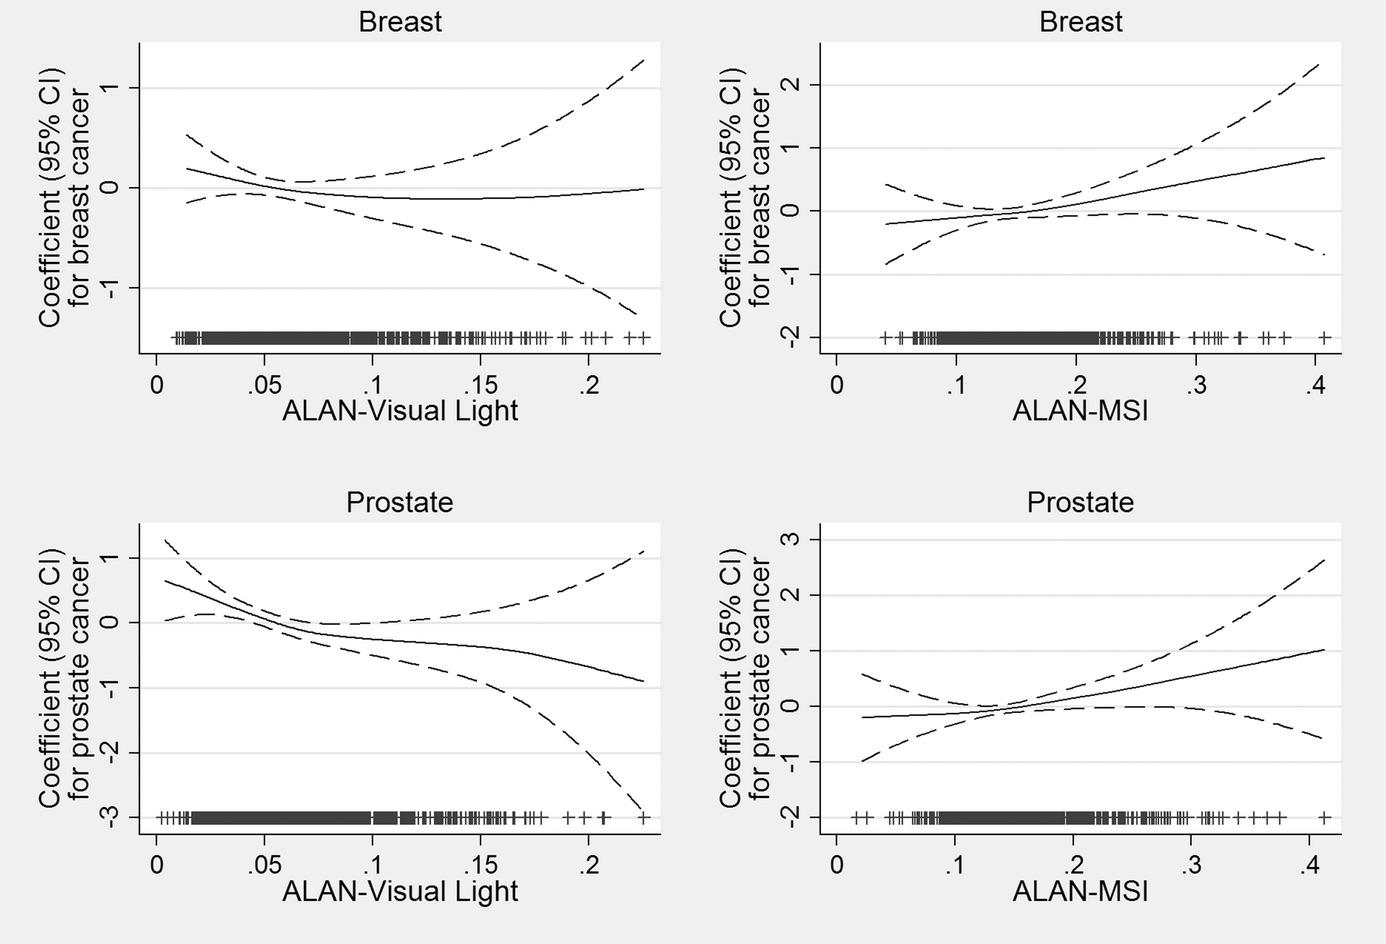 Cuanto más azulado (eje 'ALAN'), más propensión a cáncer de pecho ('breast') y próstata ('prostate')